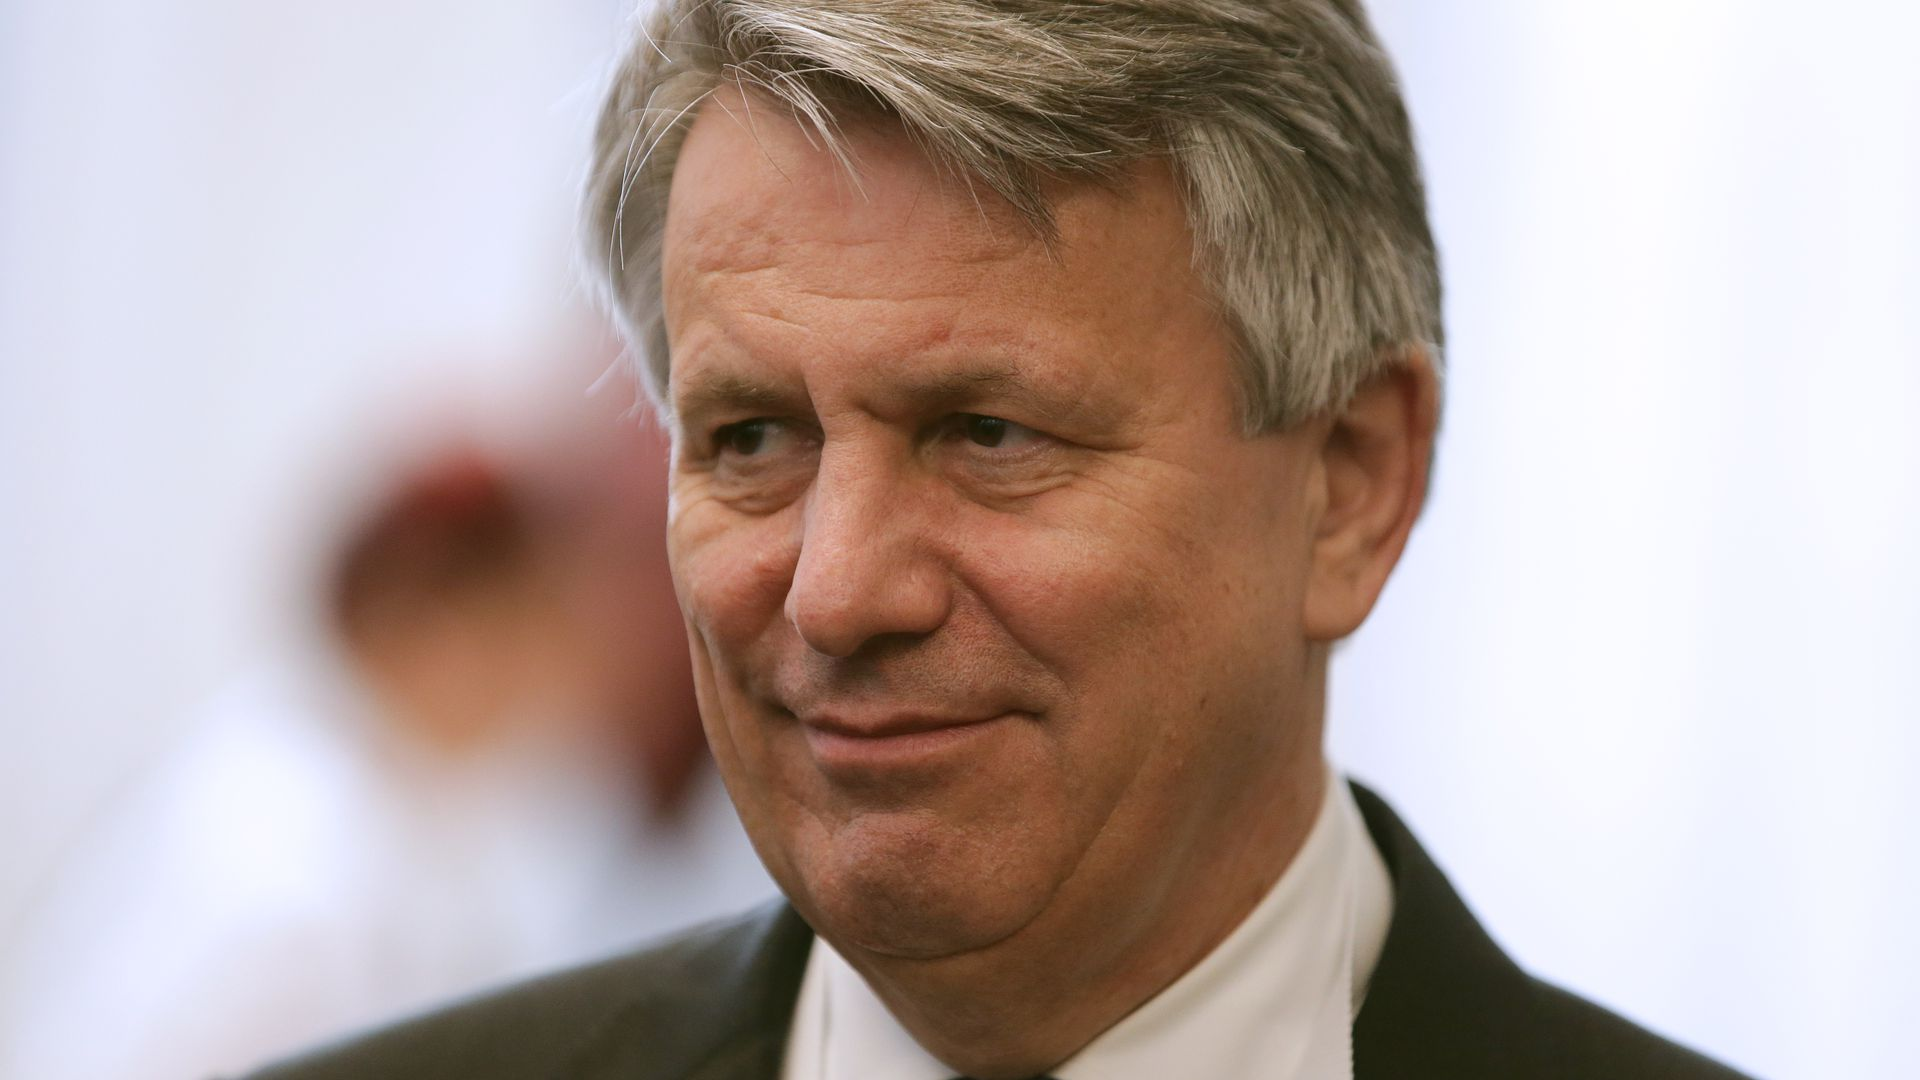 Shell CEO Ben van Beurden